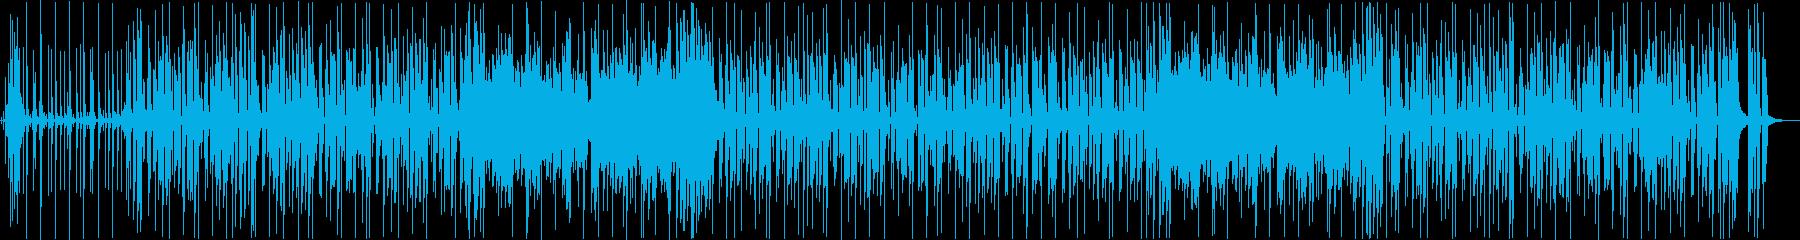 一定のリズムとレトロなジャズファンクの再生済みの波形